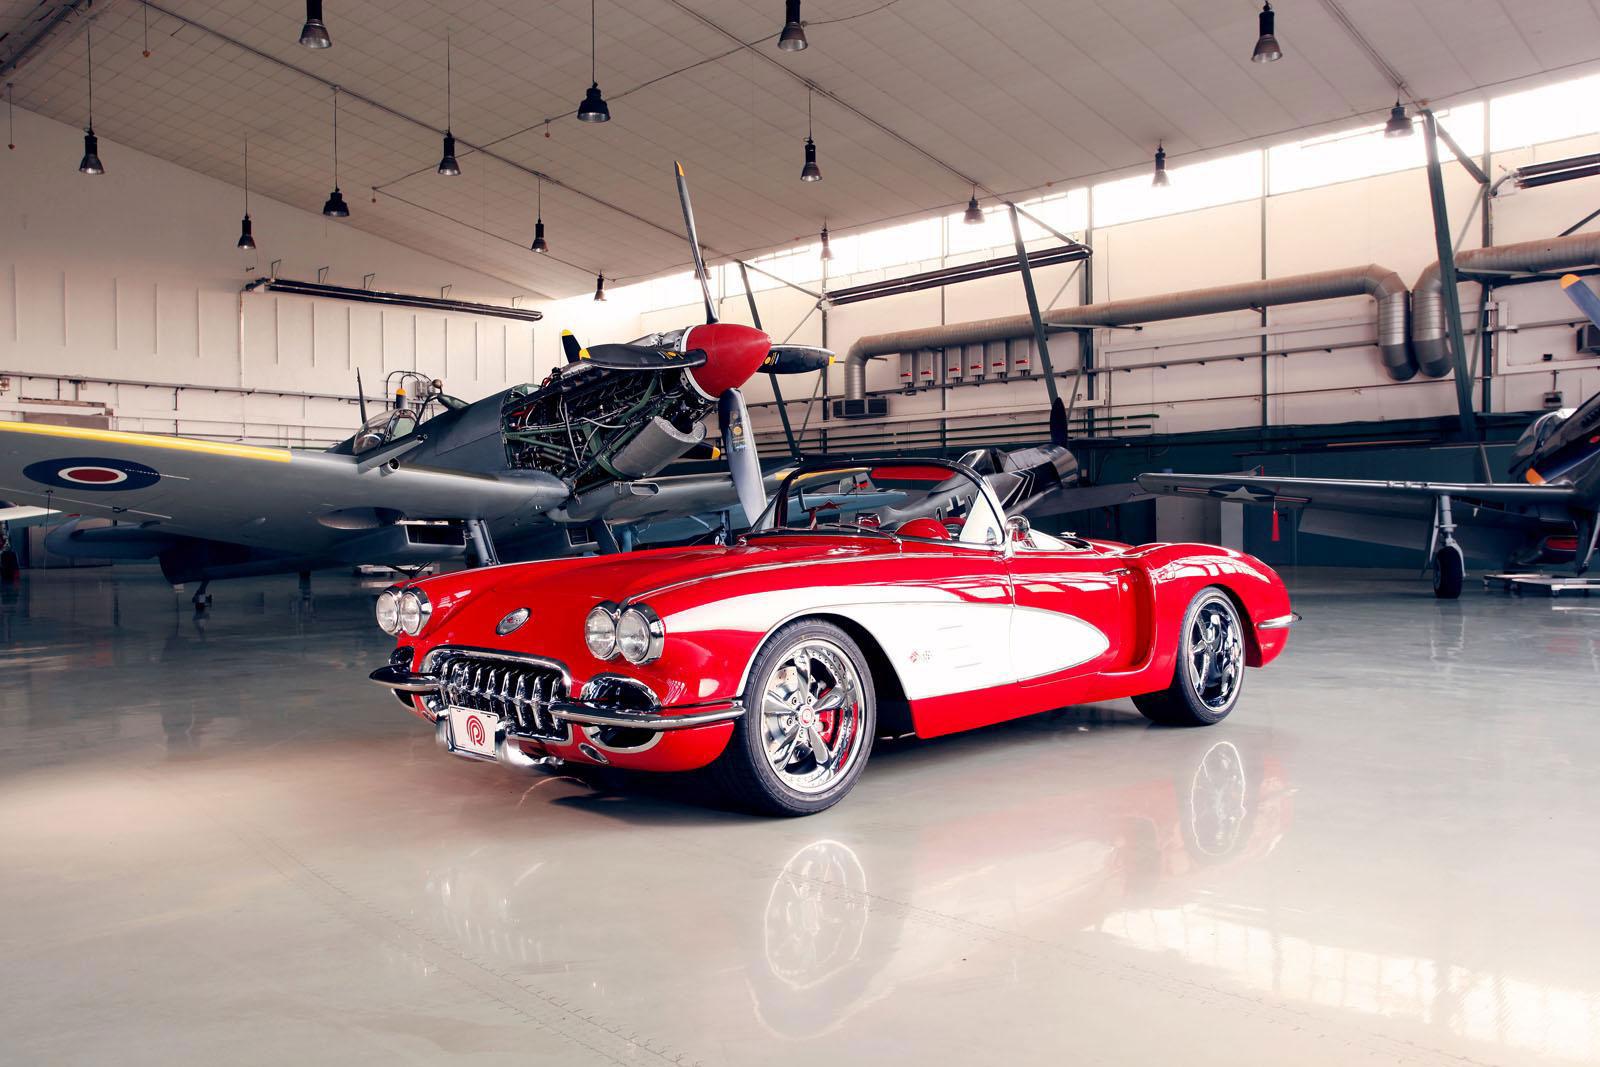 Chevrolet Corvette prošel dokonalou modernizací 7